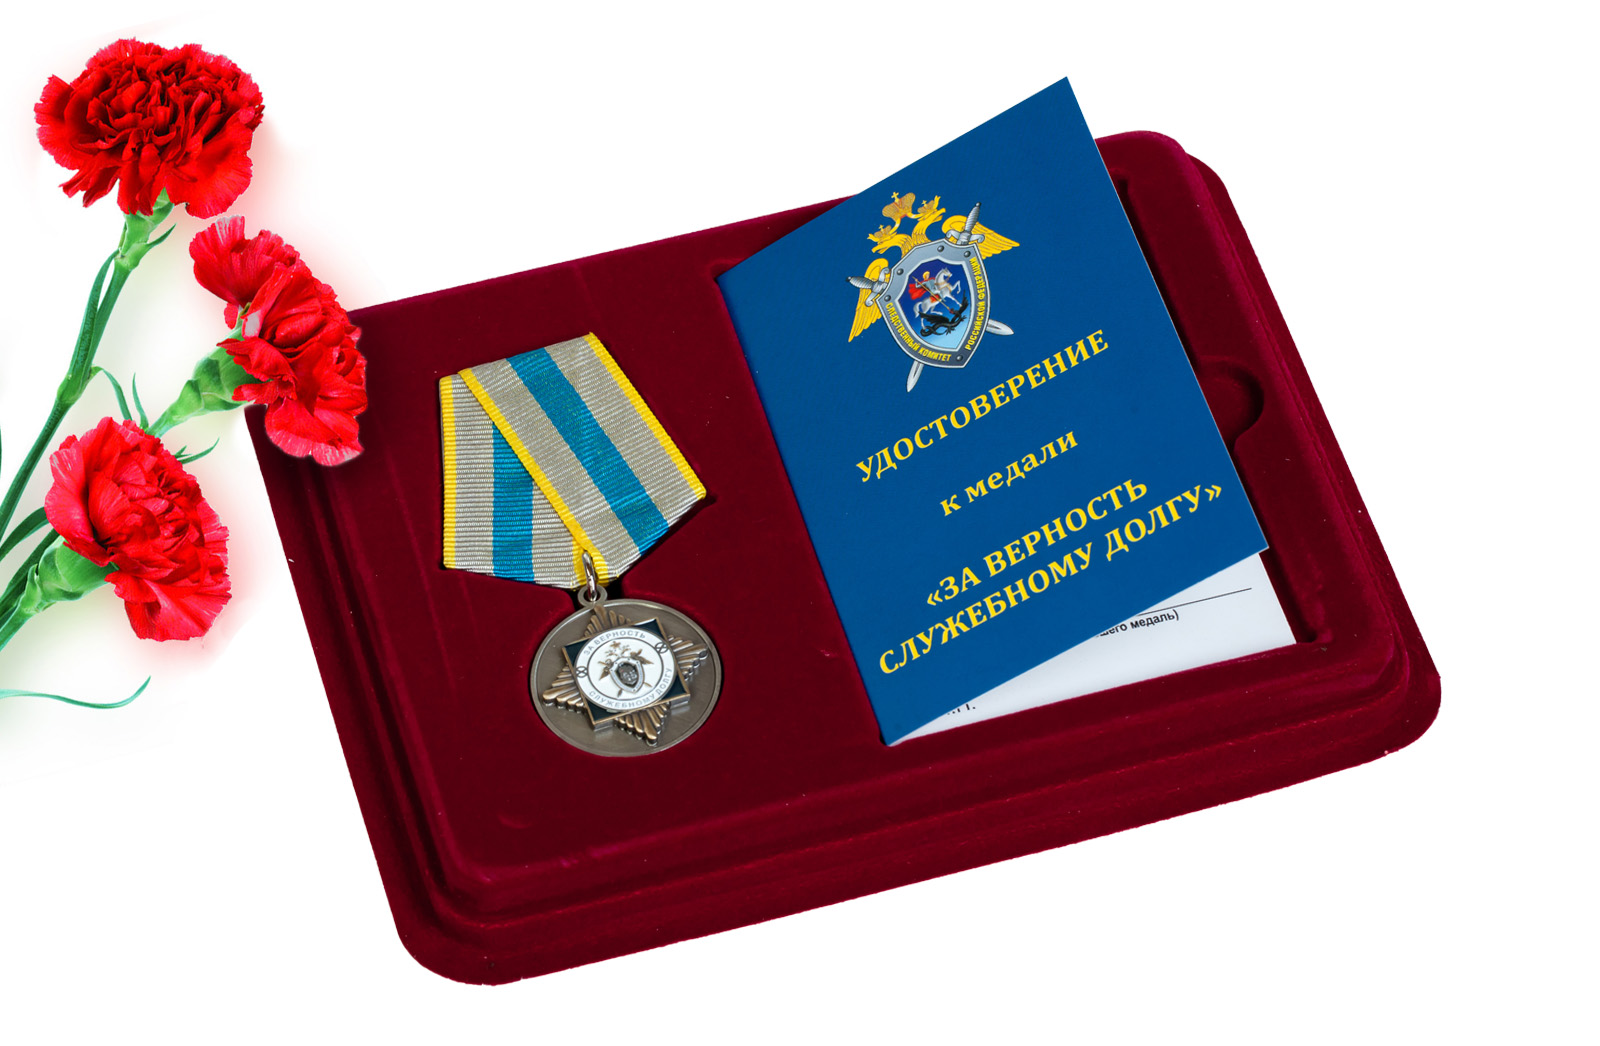 Купить медаль СК России За верность служебному долгу по выгодной цене